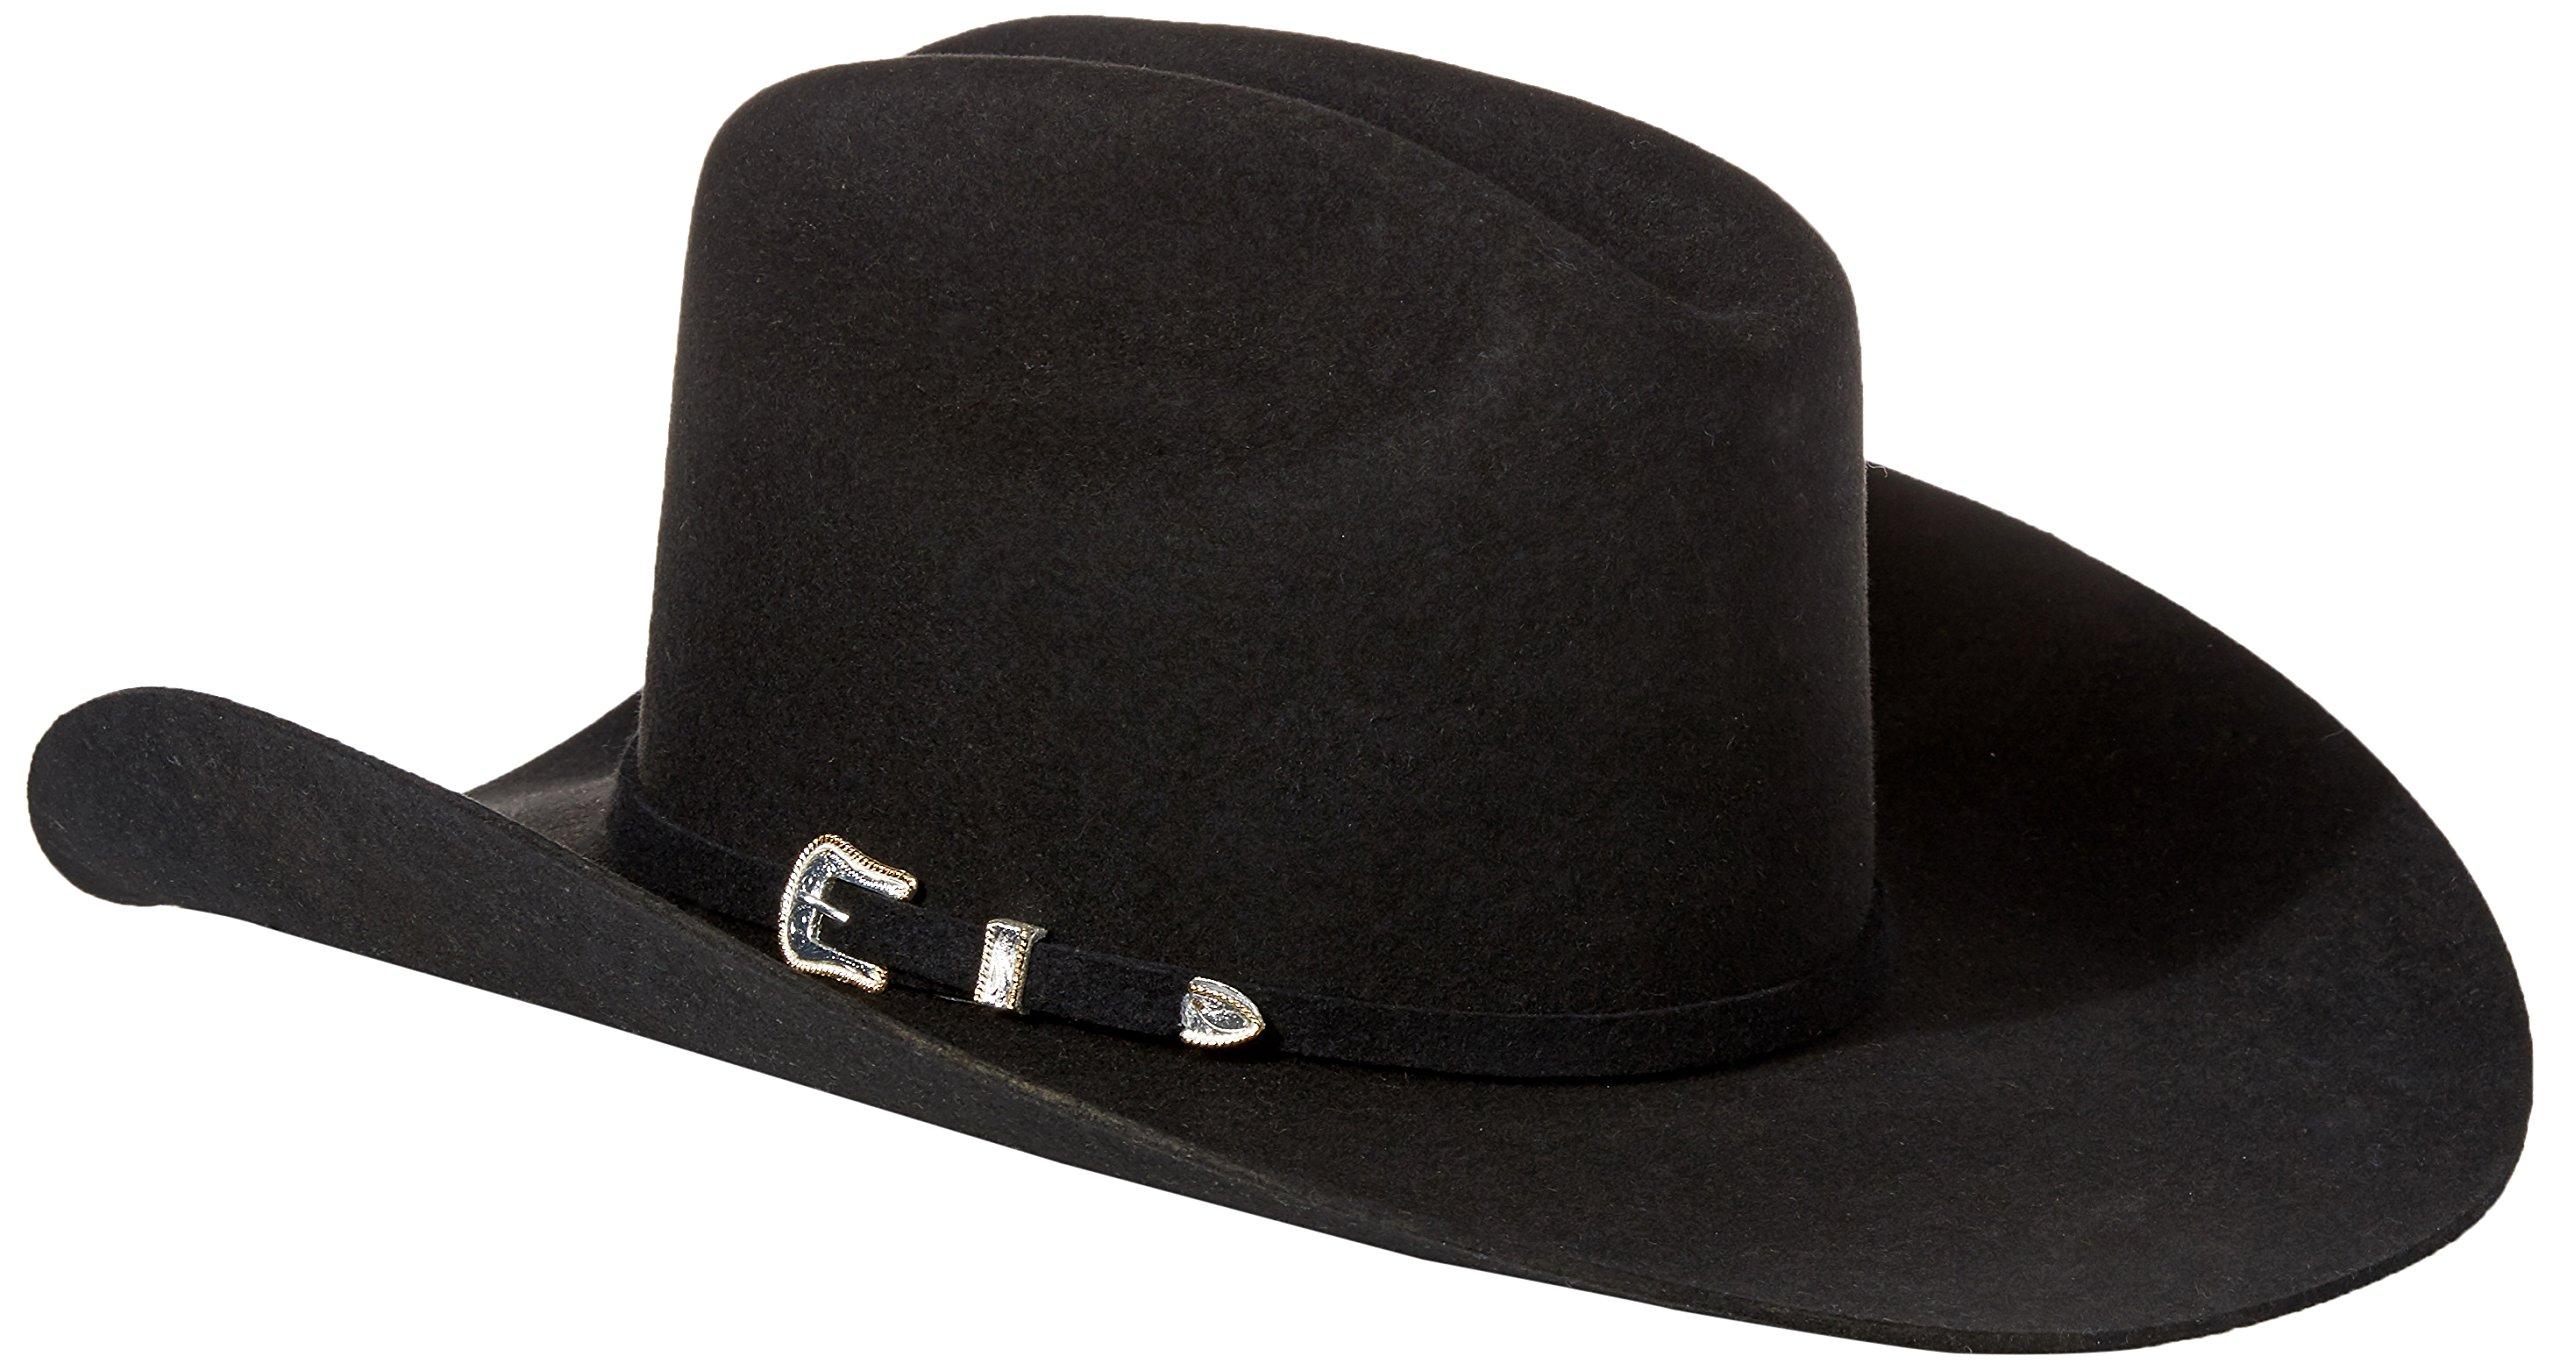 6f66771c681 Value of vintage stetson hats parchment lead jpg 2560x1370 Vintage stetson  hats